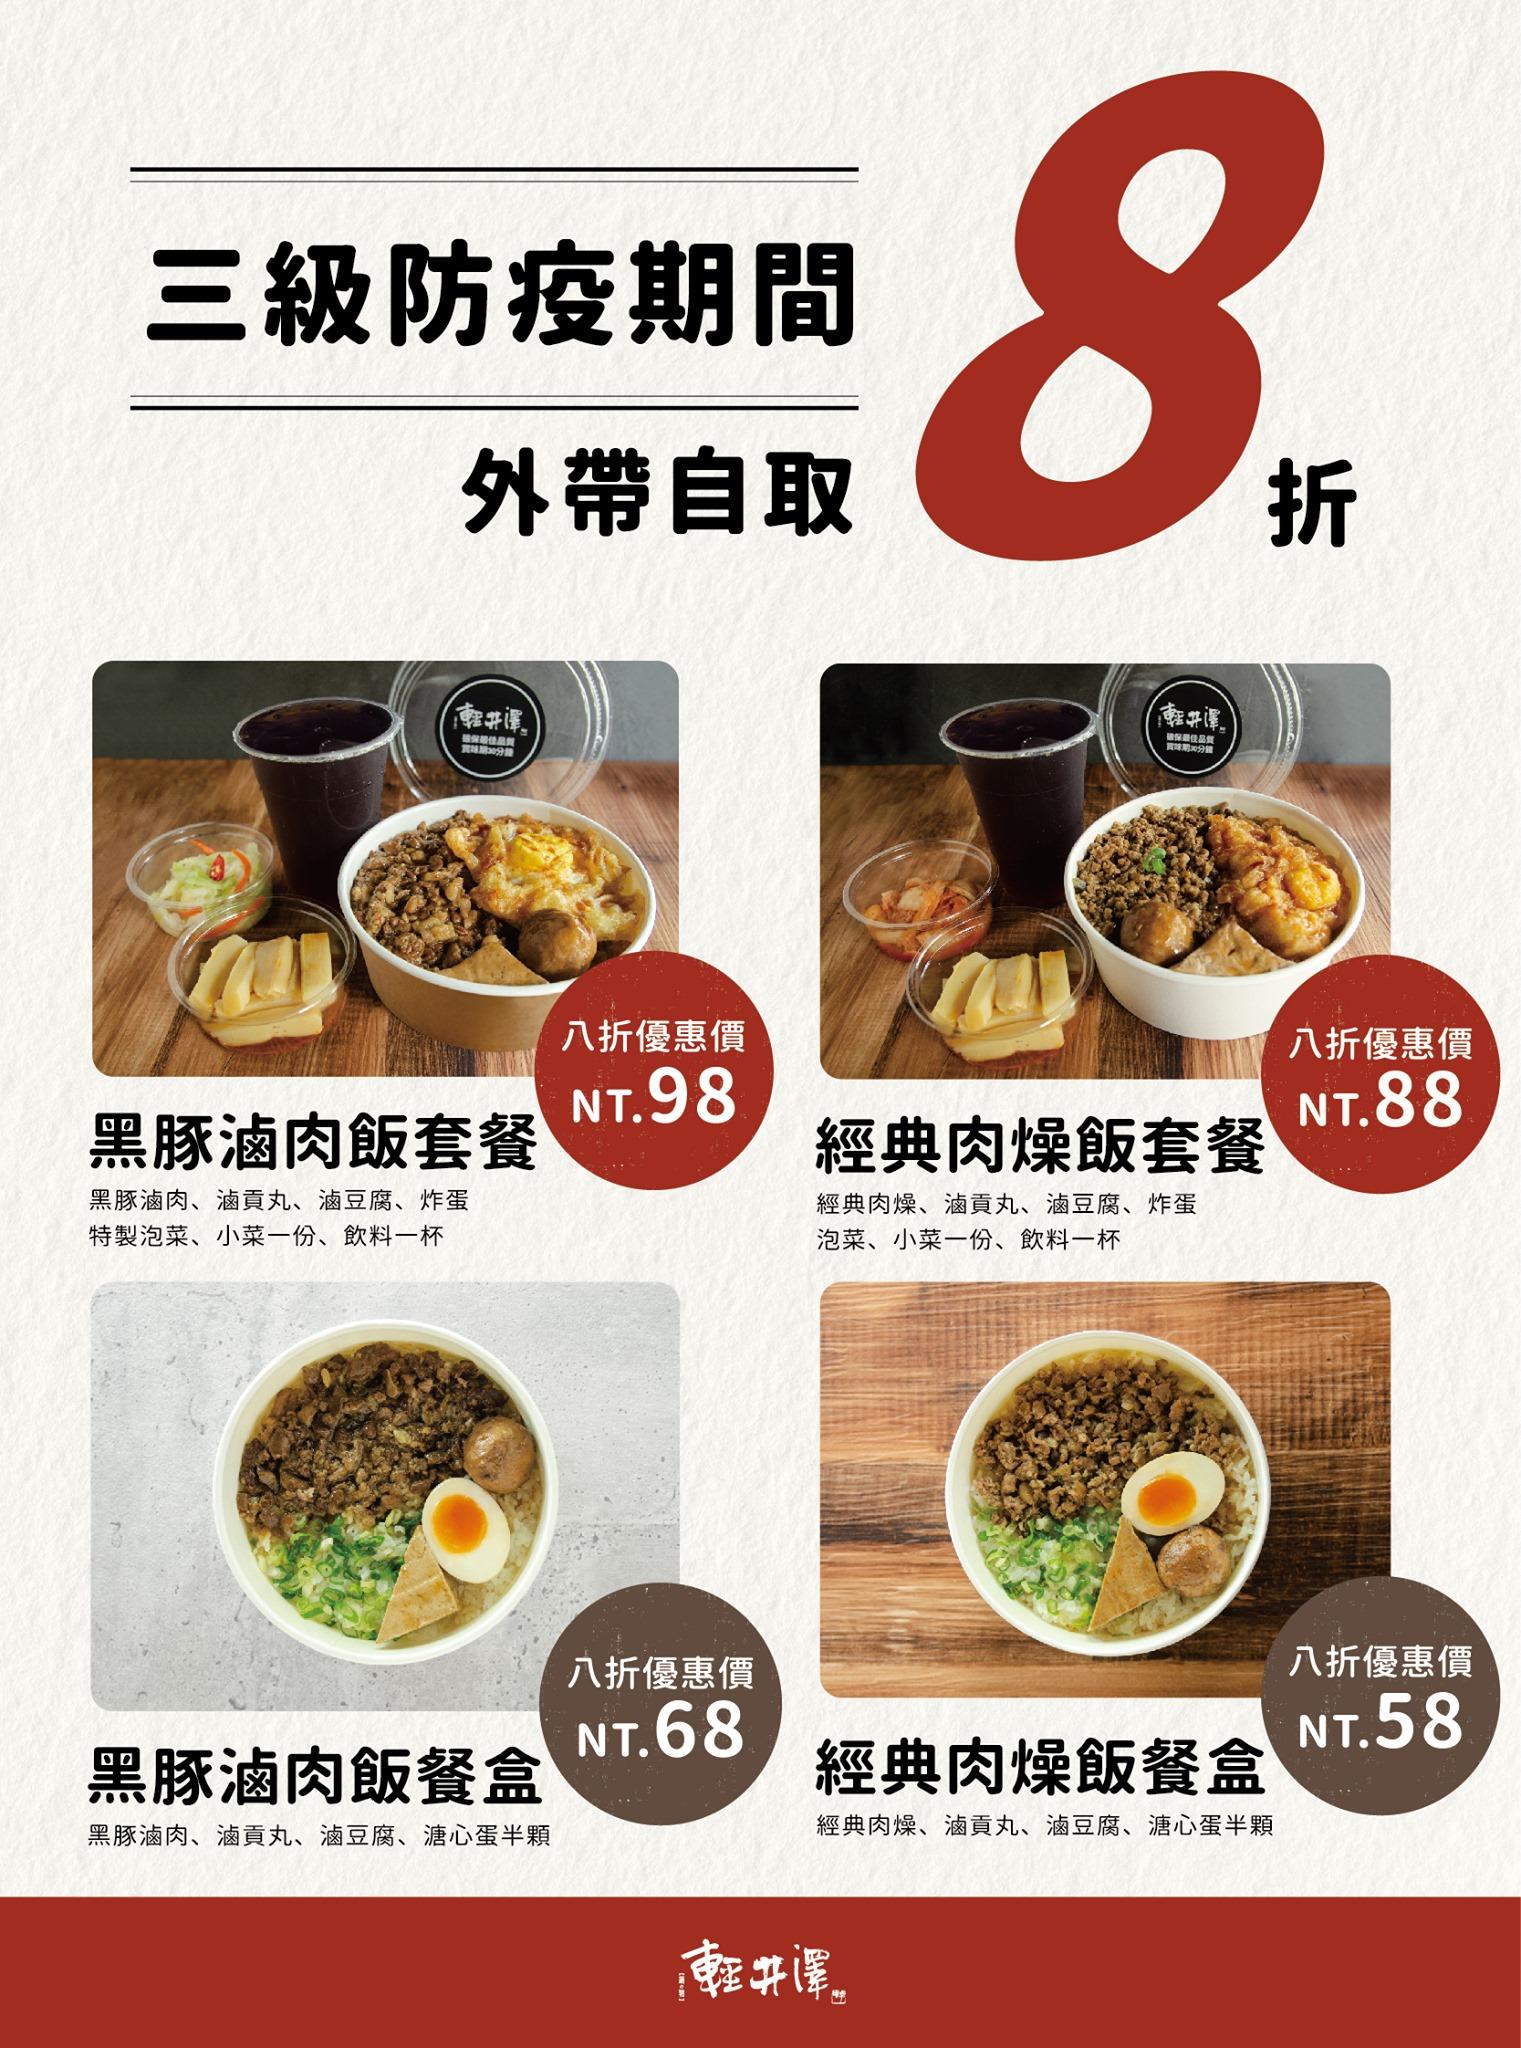 【台中北屯】輕井澤防疫便當:$68元起餐盒外帶,輕井澤不只有火鍋 @飛天璇的口袋